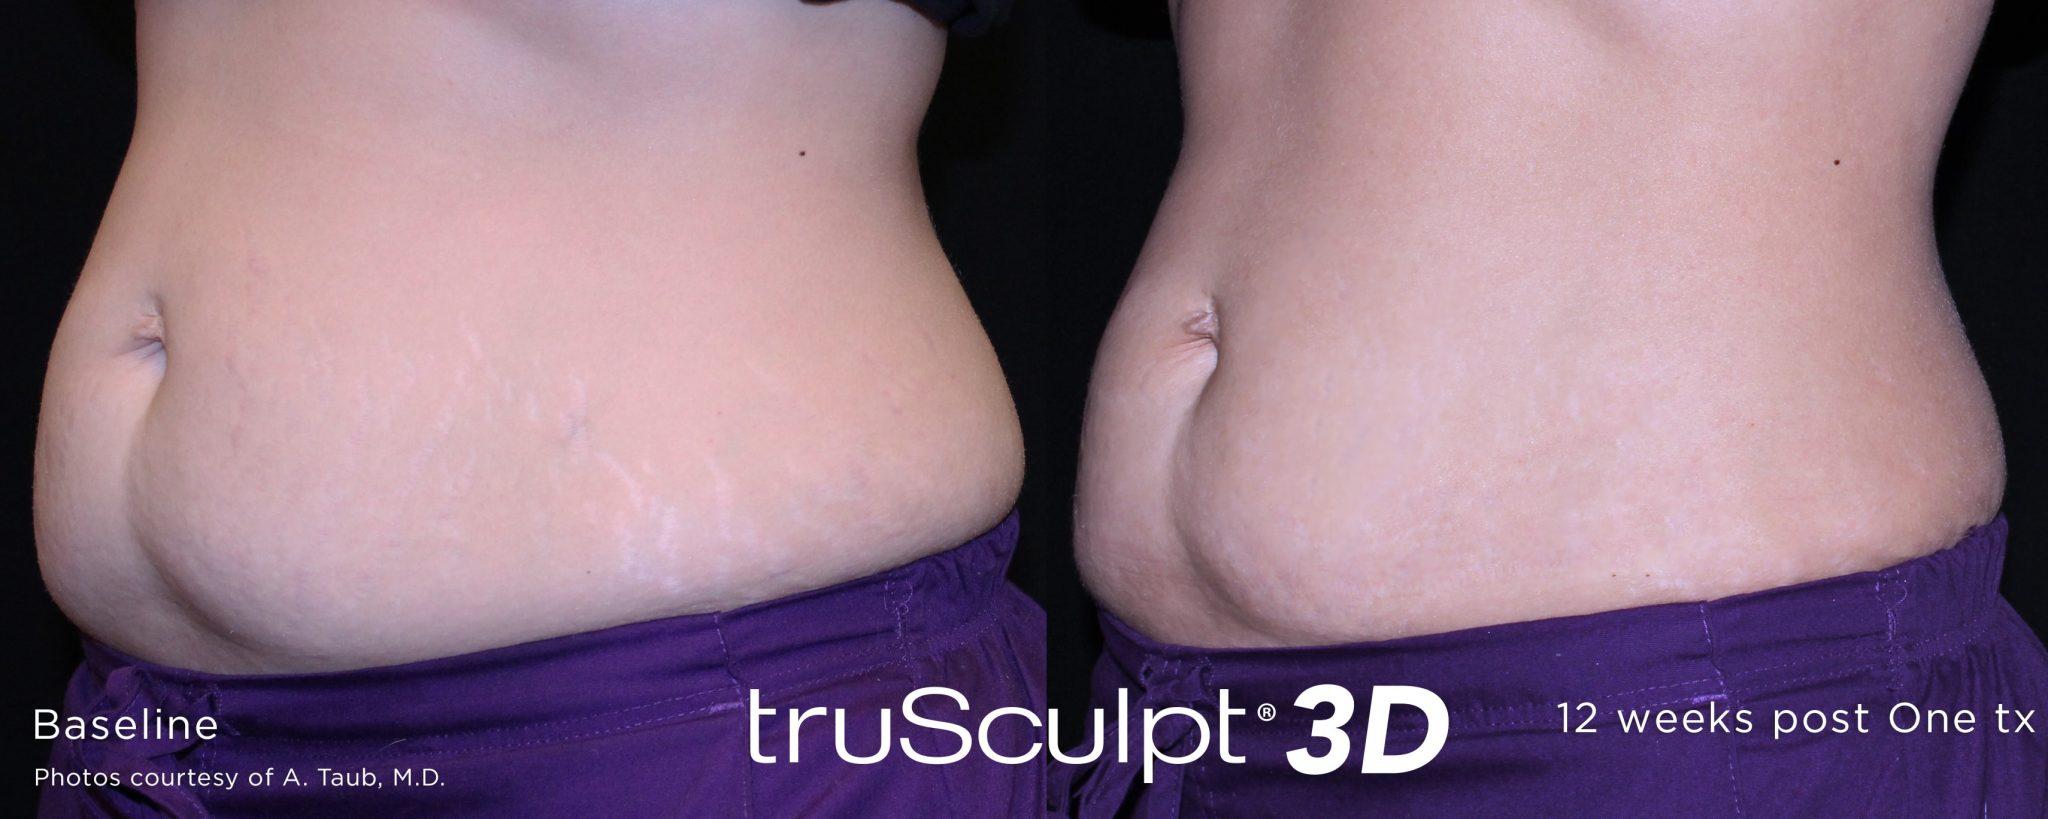 trusculpt_3d_11